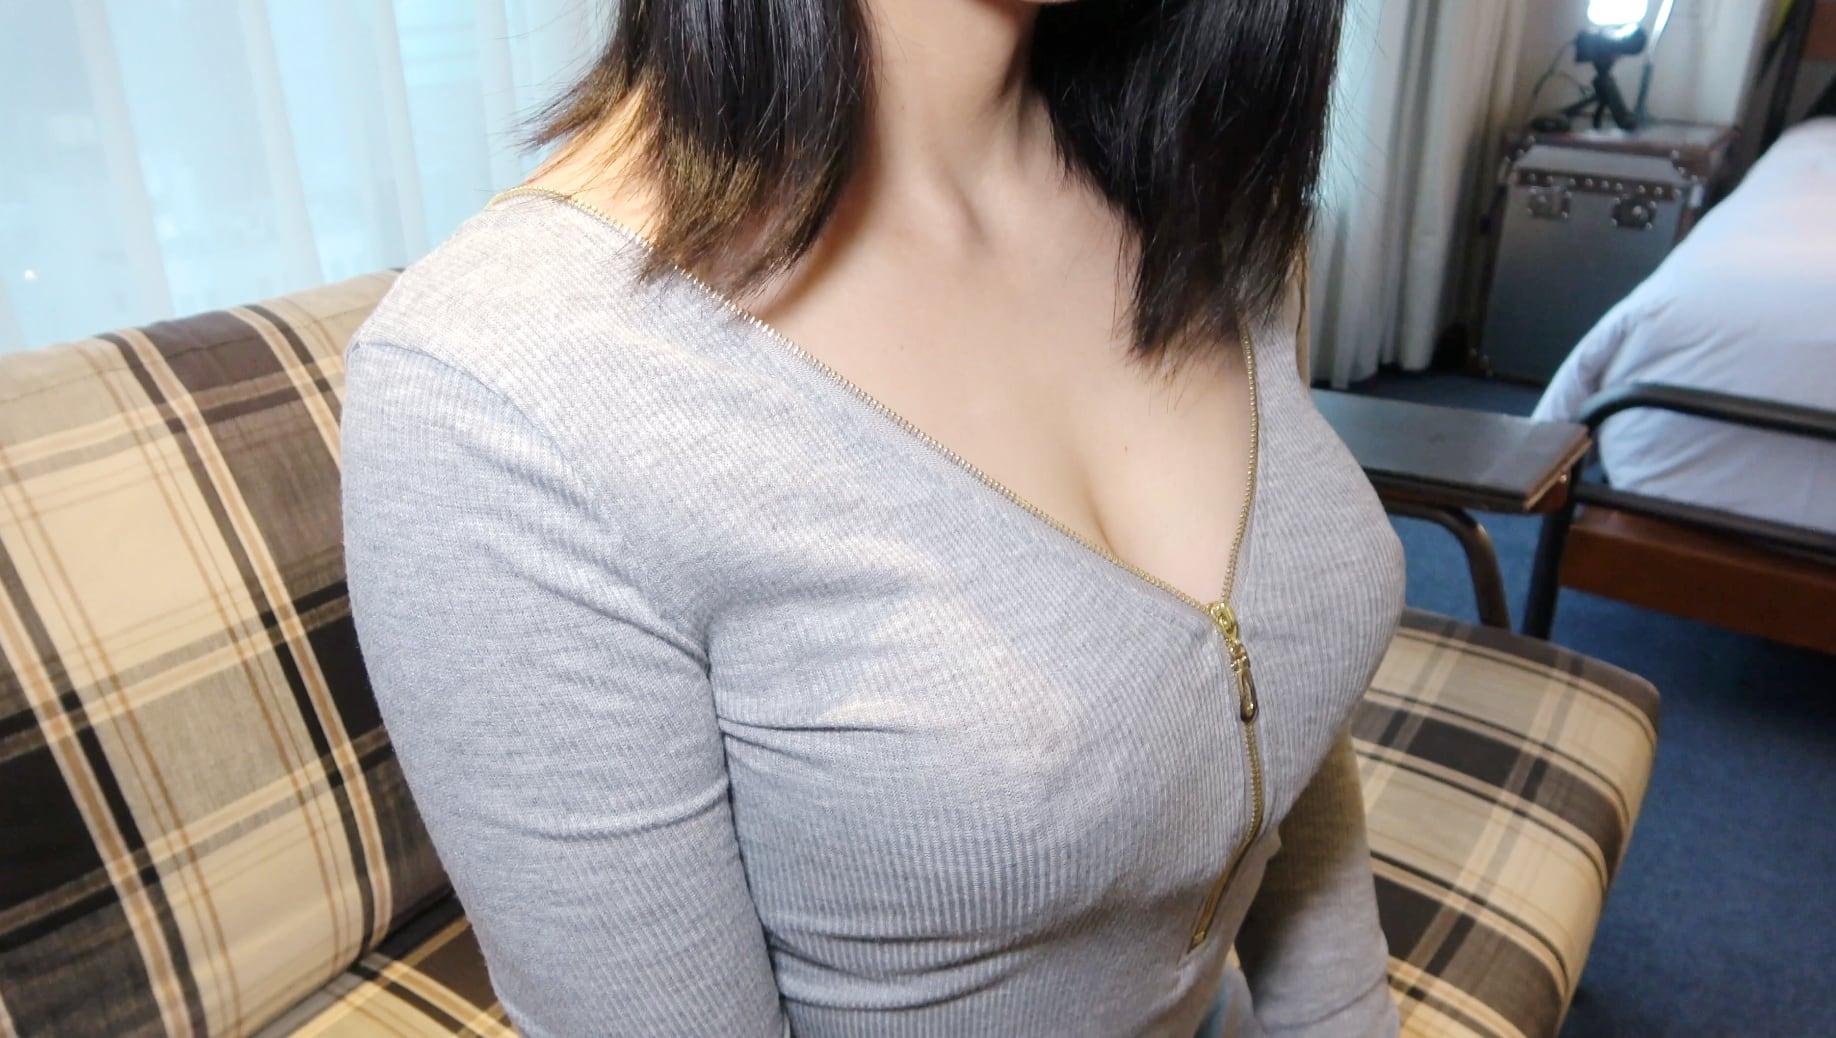 FC2 PPV 1766066 凄いカラダ❤️美巨乳メンエス嬢のさくらが私服で店外オプション❤️天然美巨乳の迫力を存分にお楽しみくださいね。プルルンおっぱいを揉みまくり吸いまくり購入特典あり